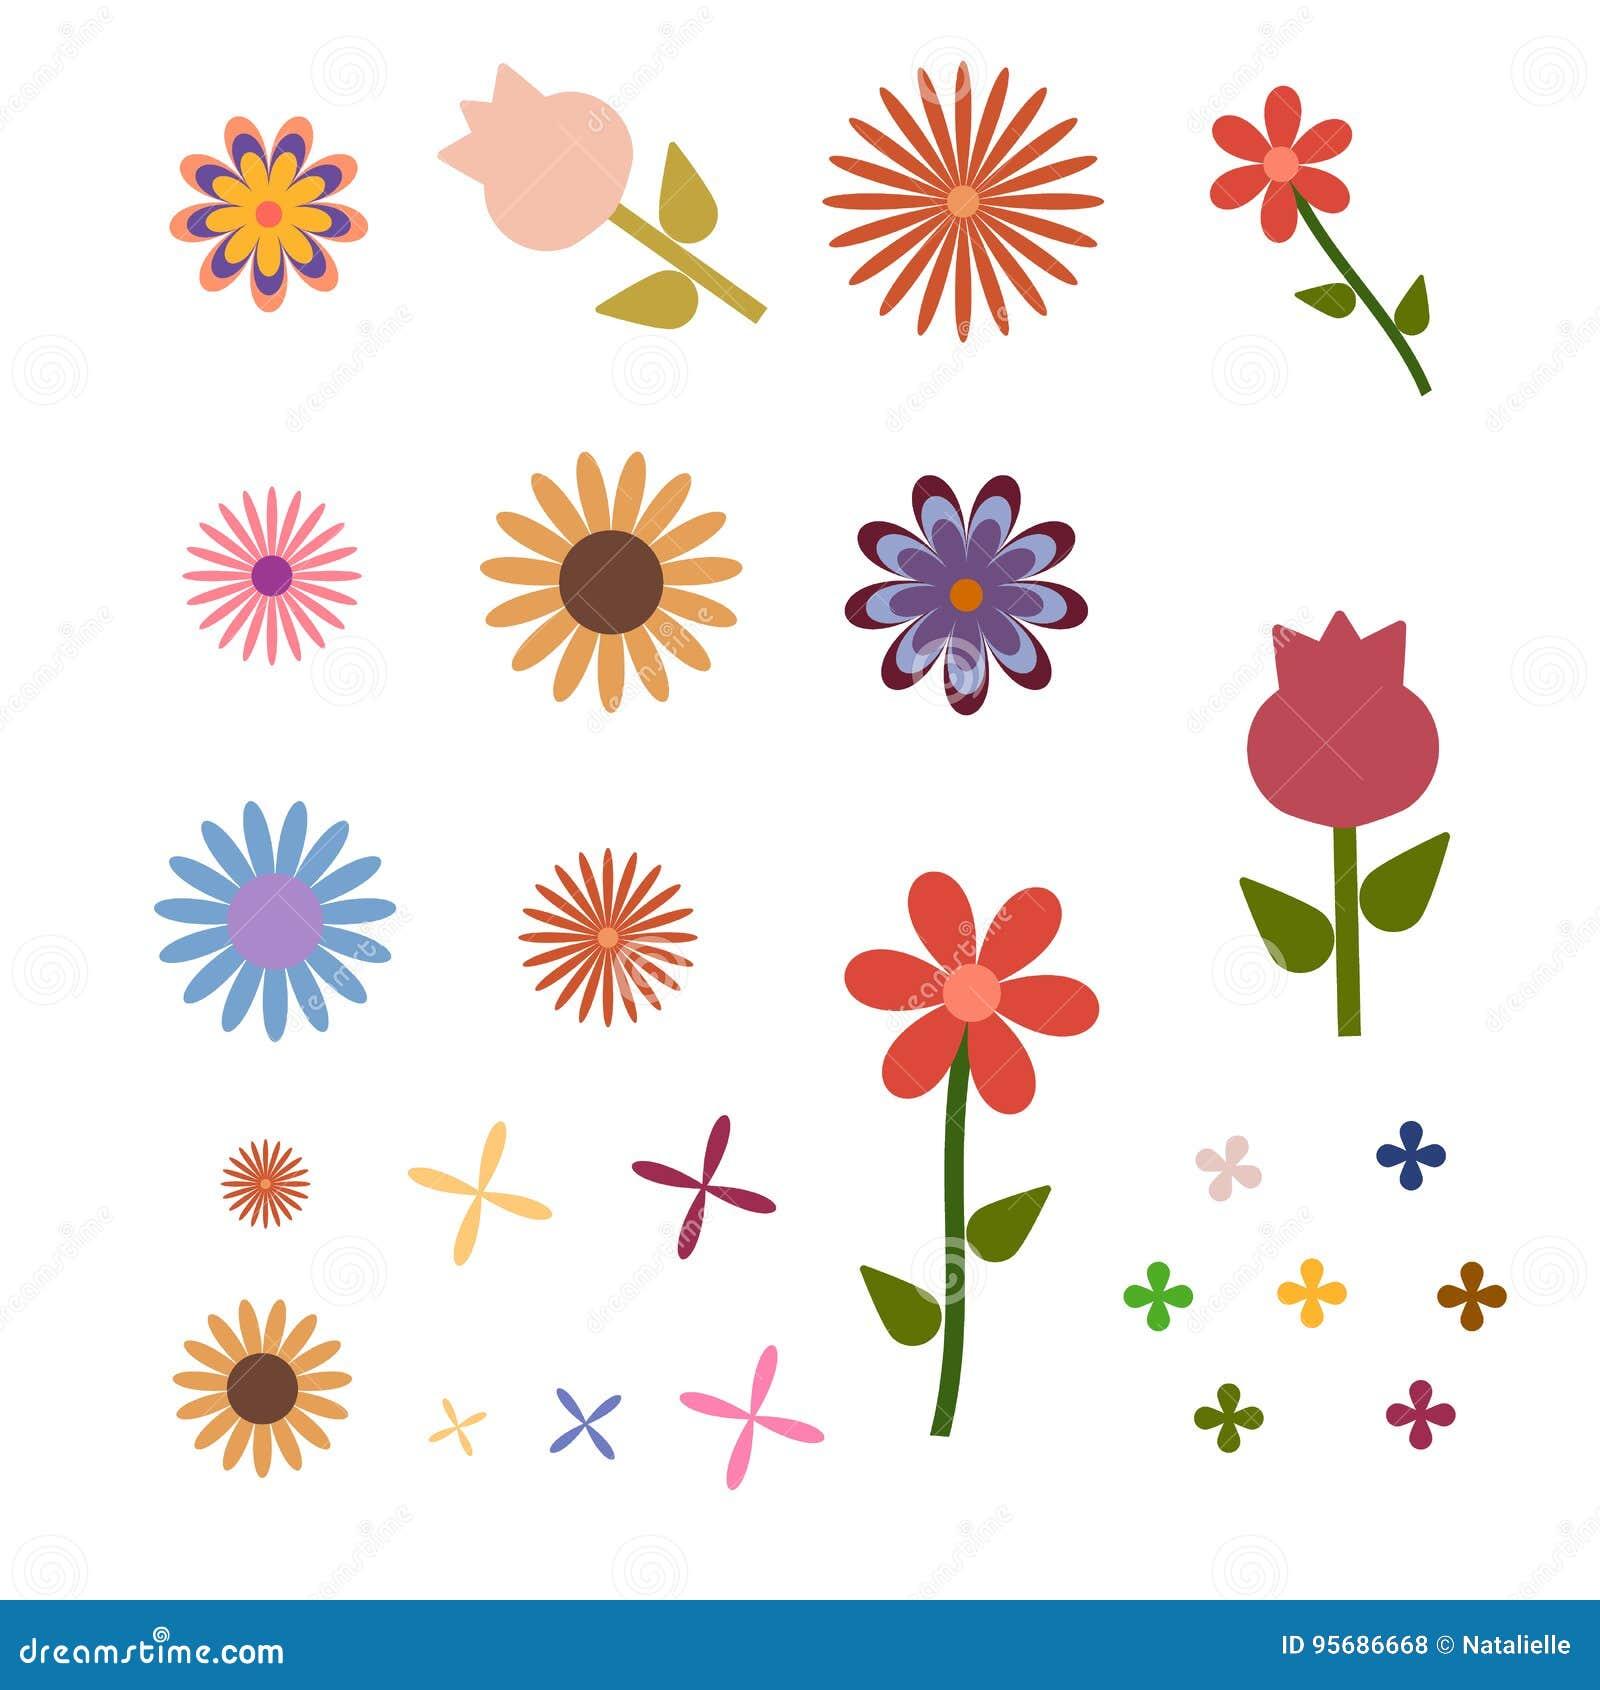 Dessin Simple De Fleurs Illustration De Vecteur Illustration Du